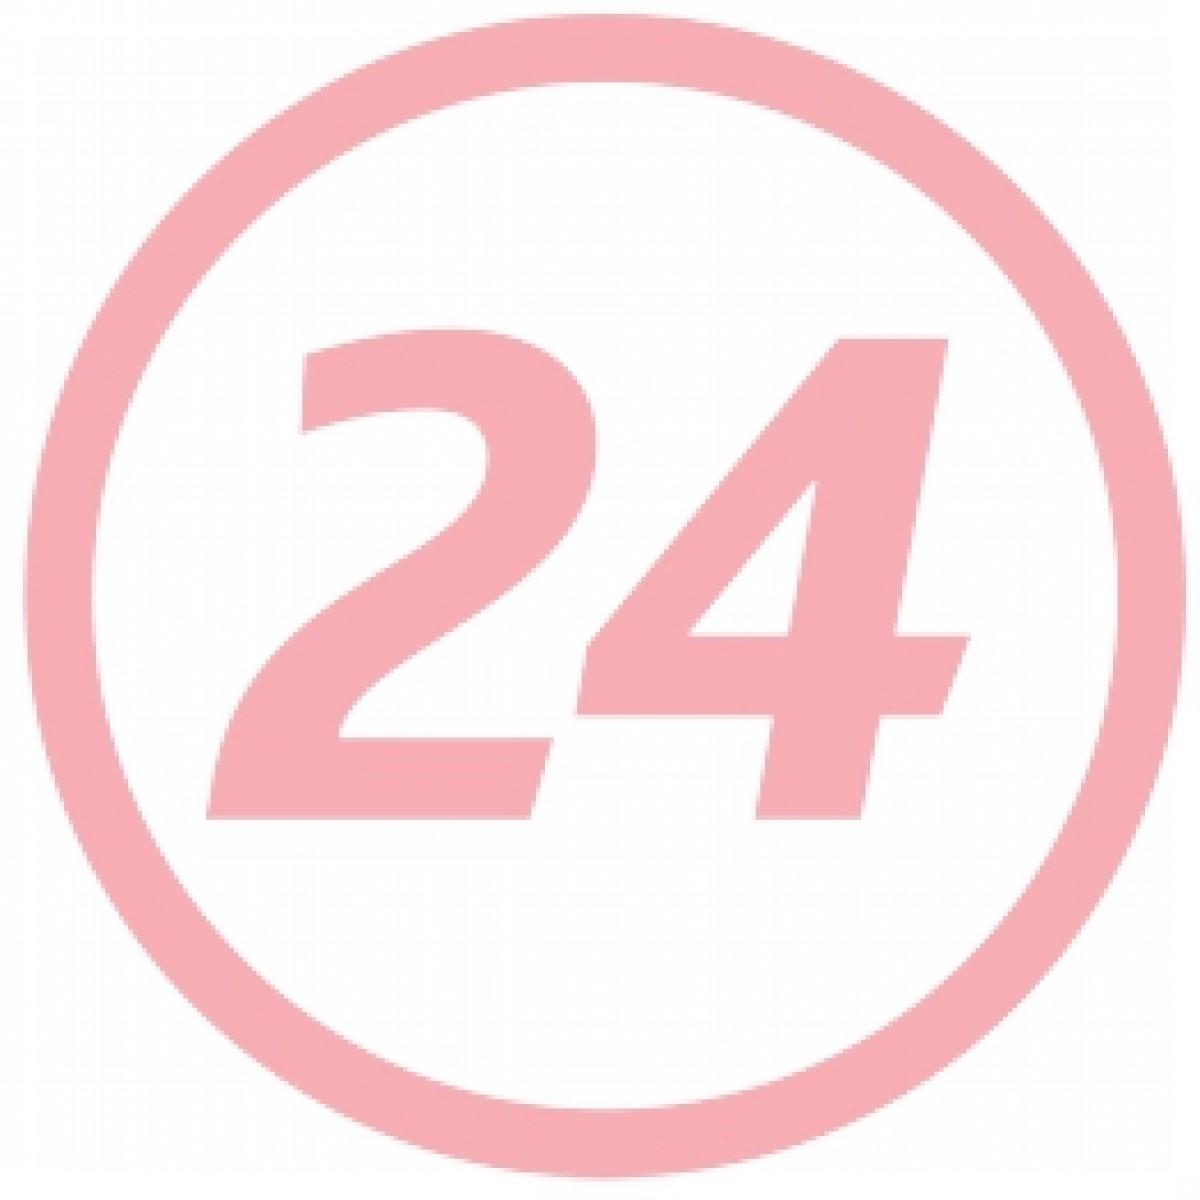 Alpecin Activ A3 Sampon Antimatreata, Sampon 250ml